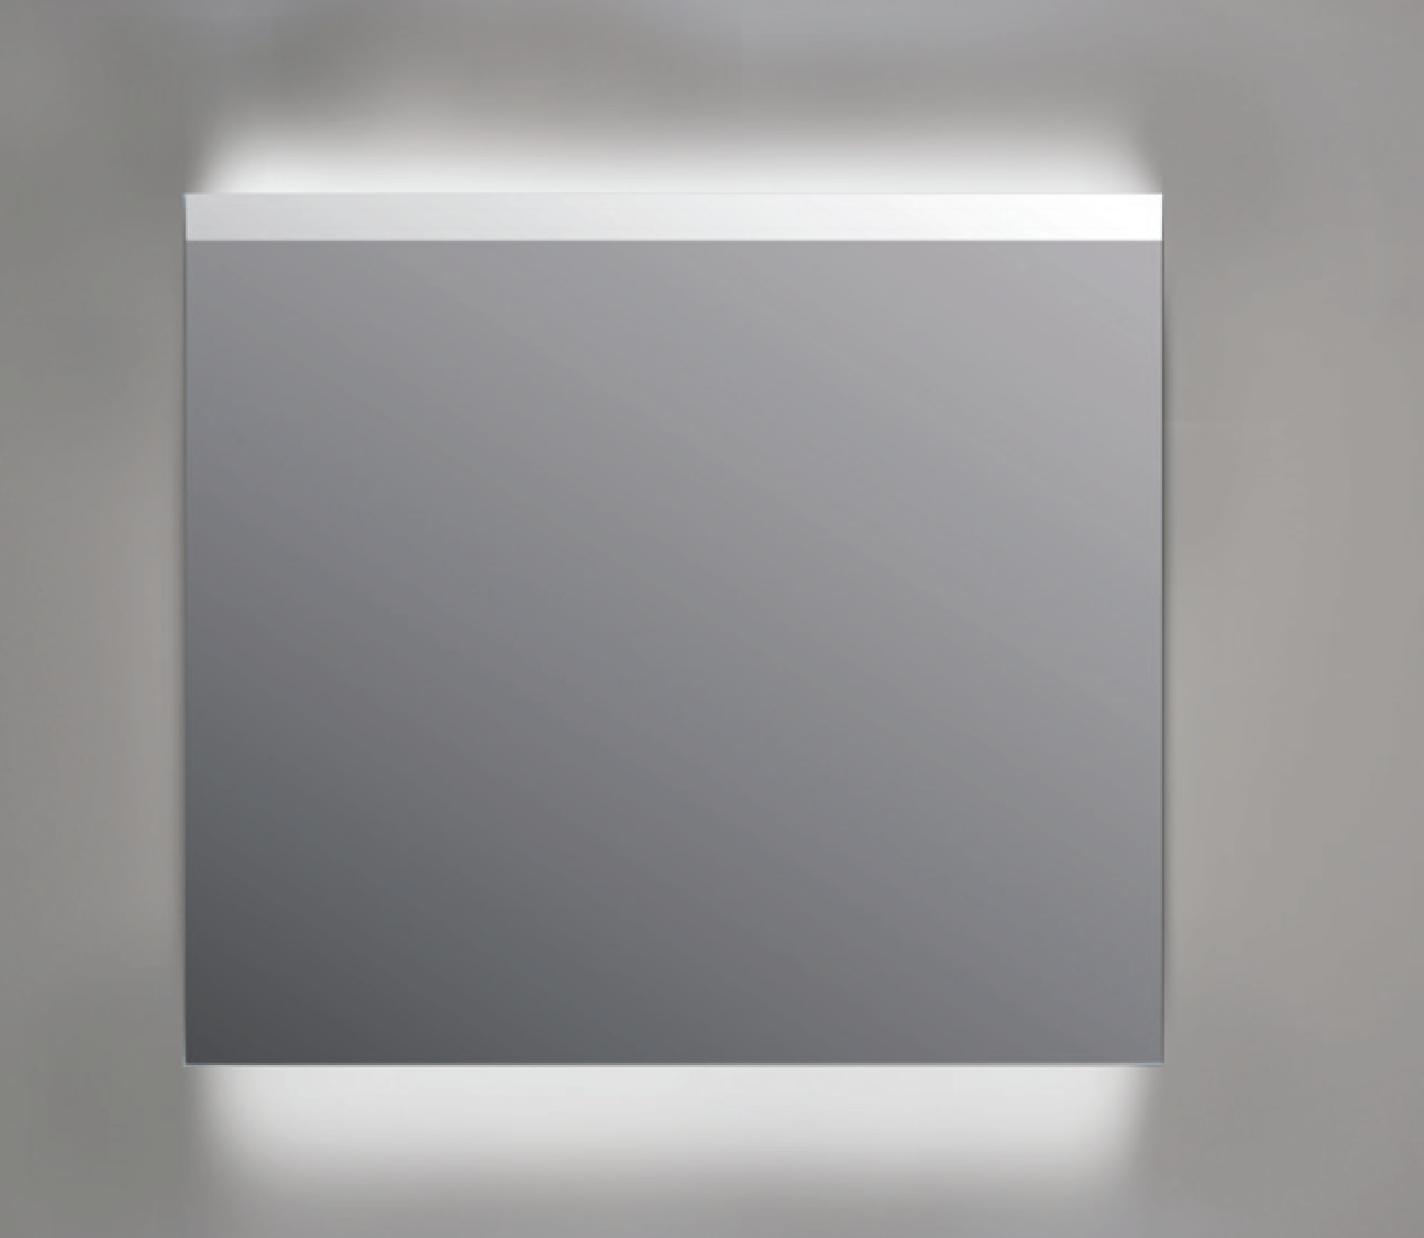 Ink spiegel SP11 rookglas 100 x 80 cm met indirecte LED verlichting onder en boven, gematteerde bovenkant en sensorschakelaar